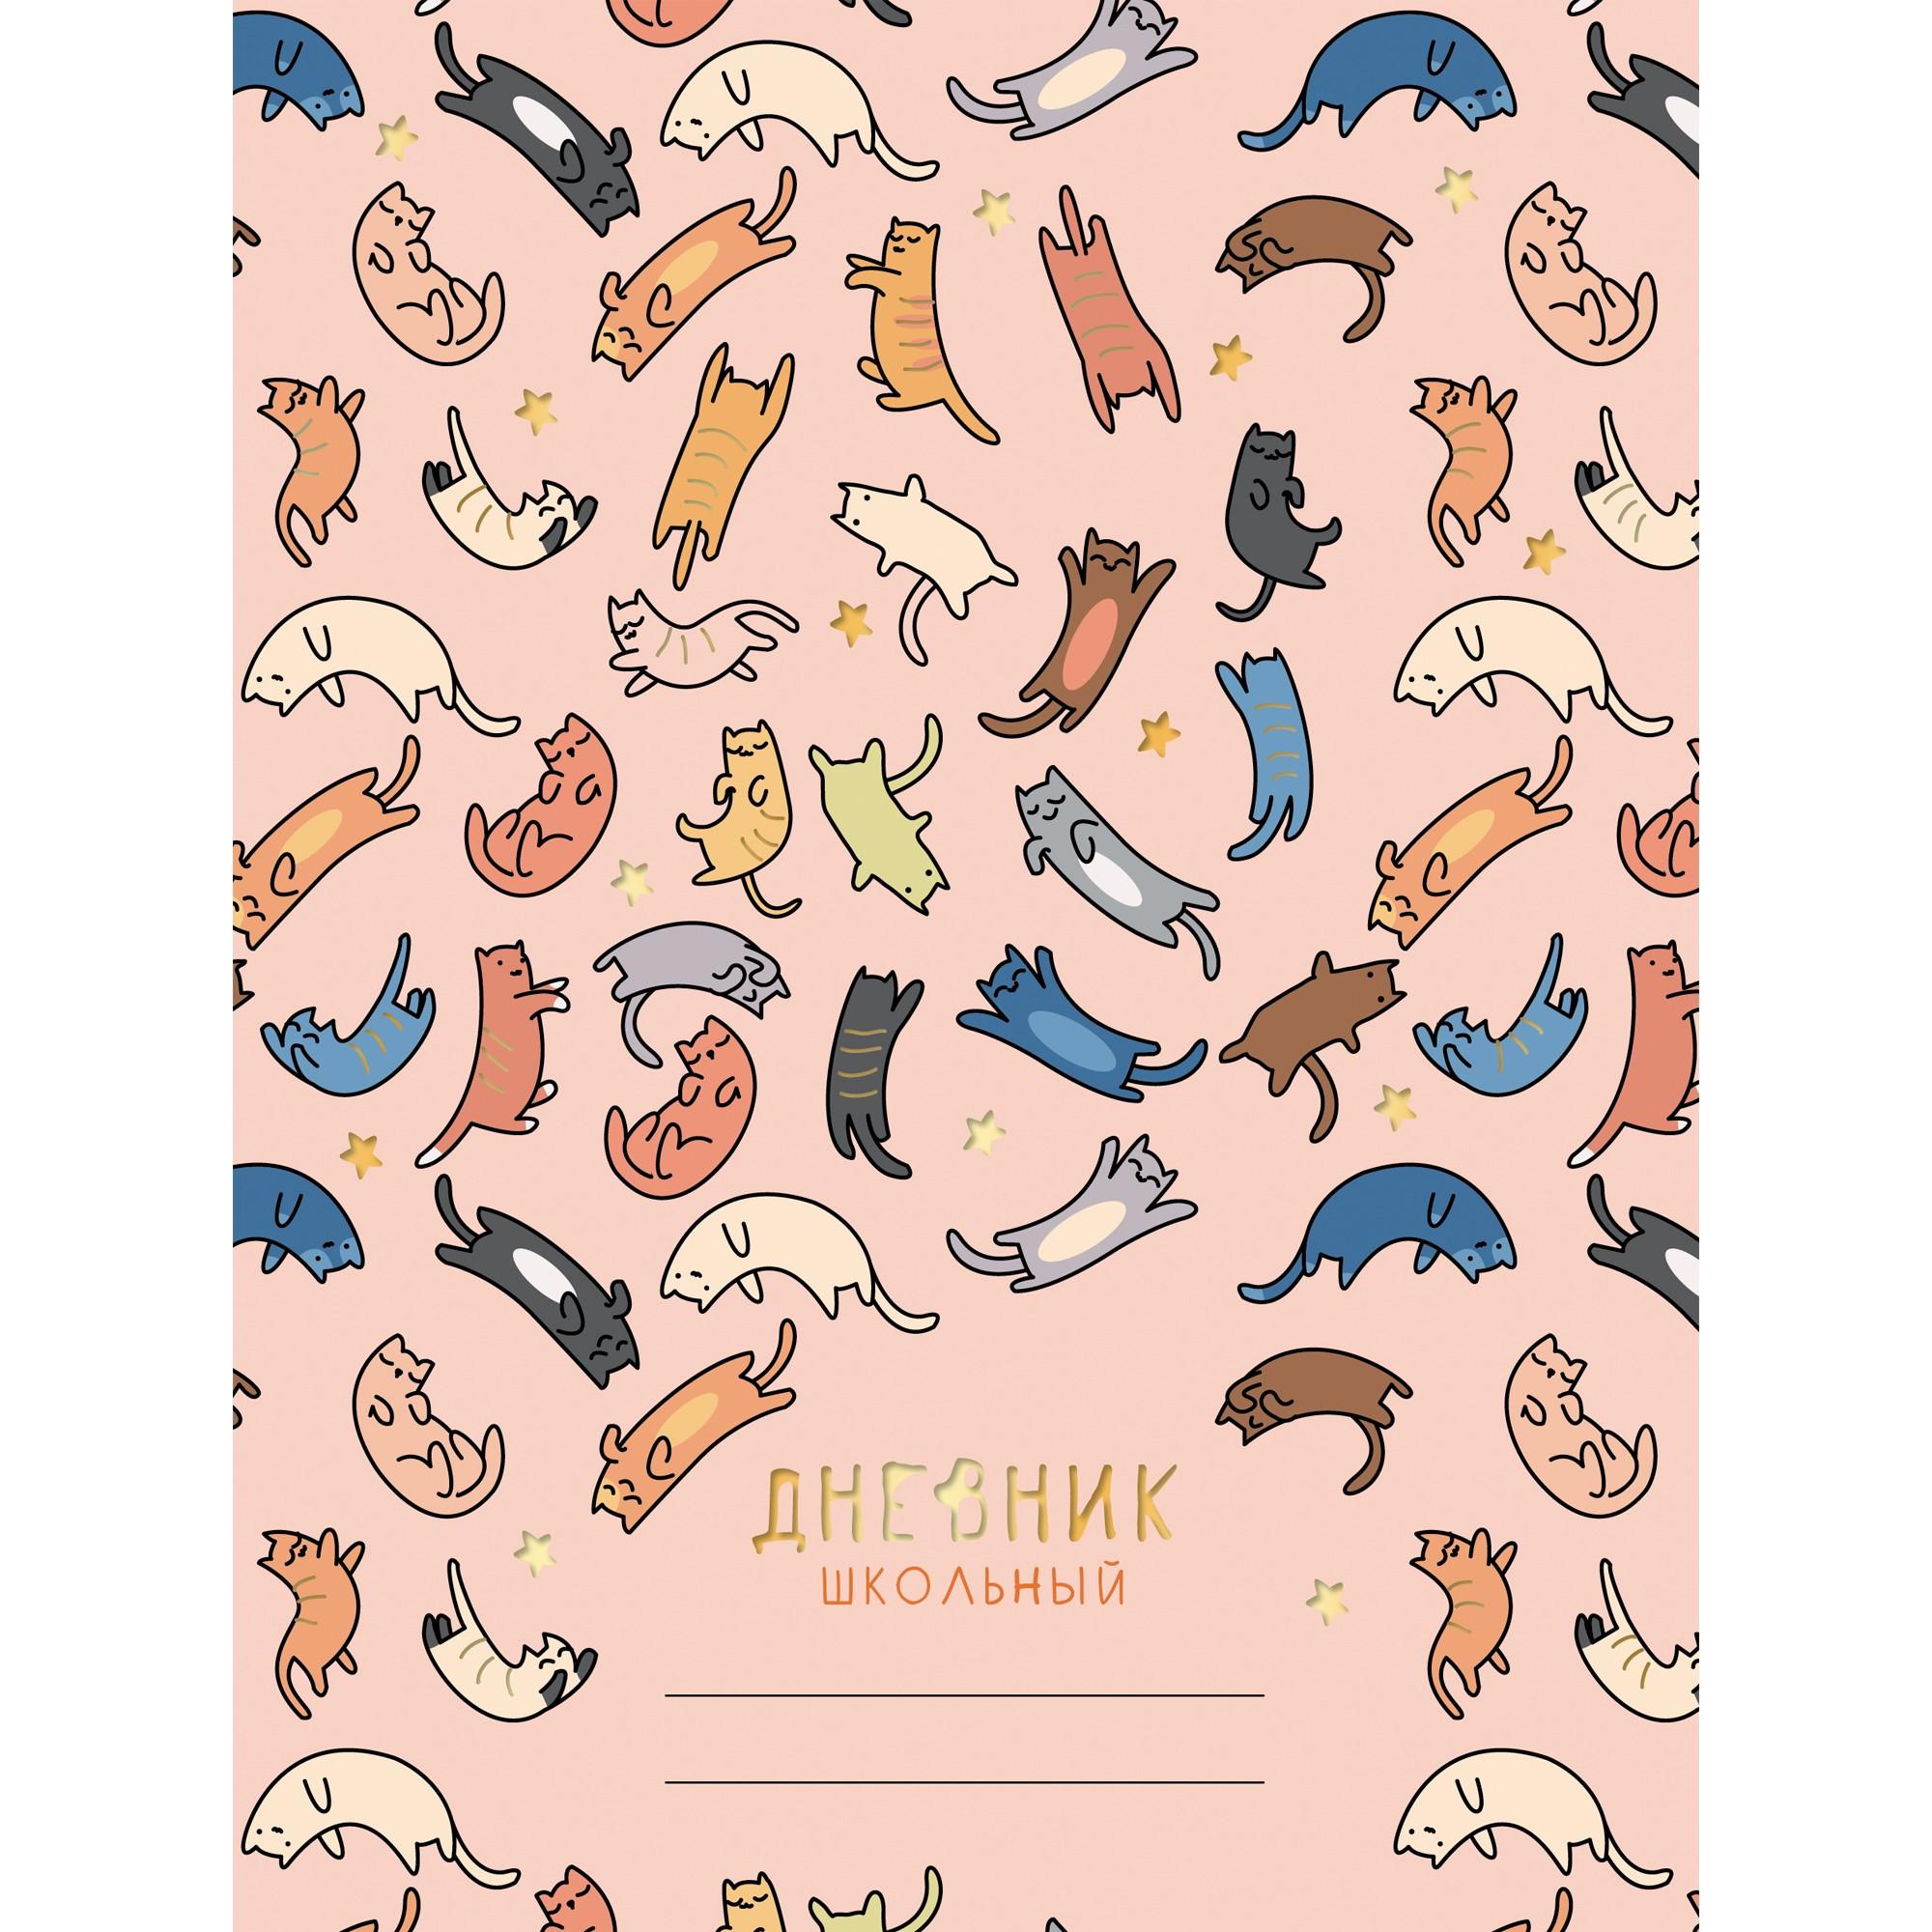 Дневник ст кл Летающие коты